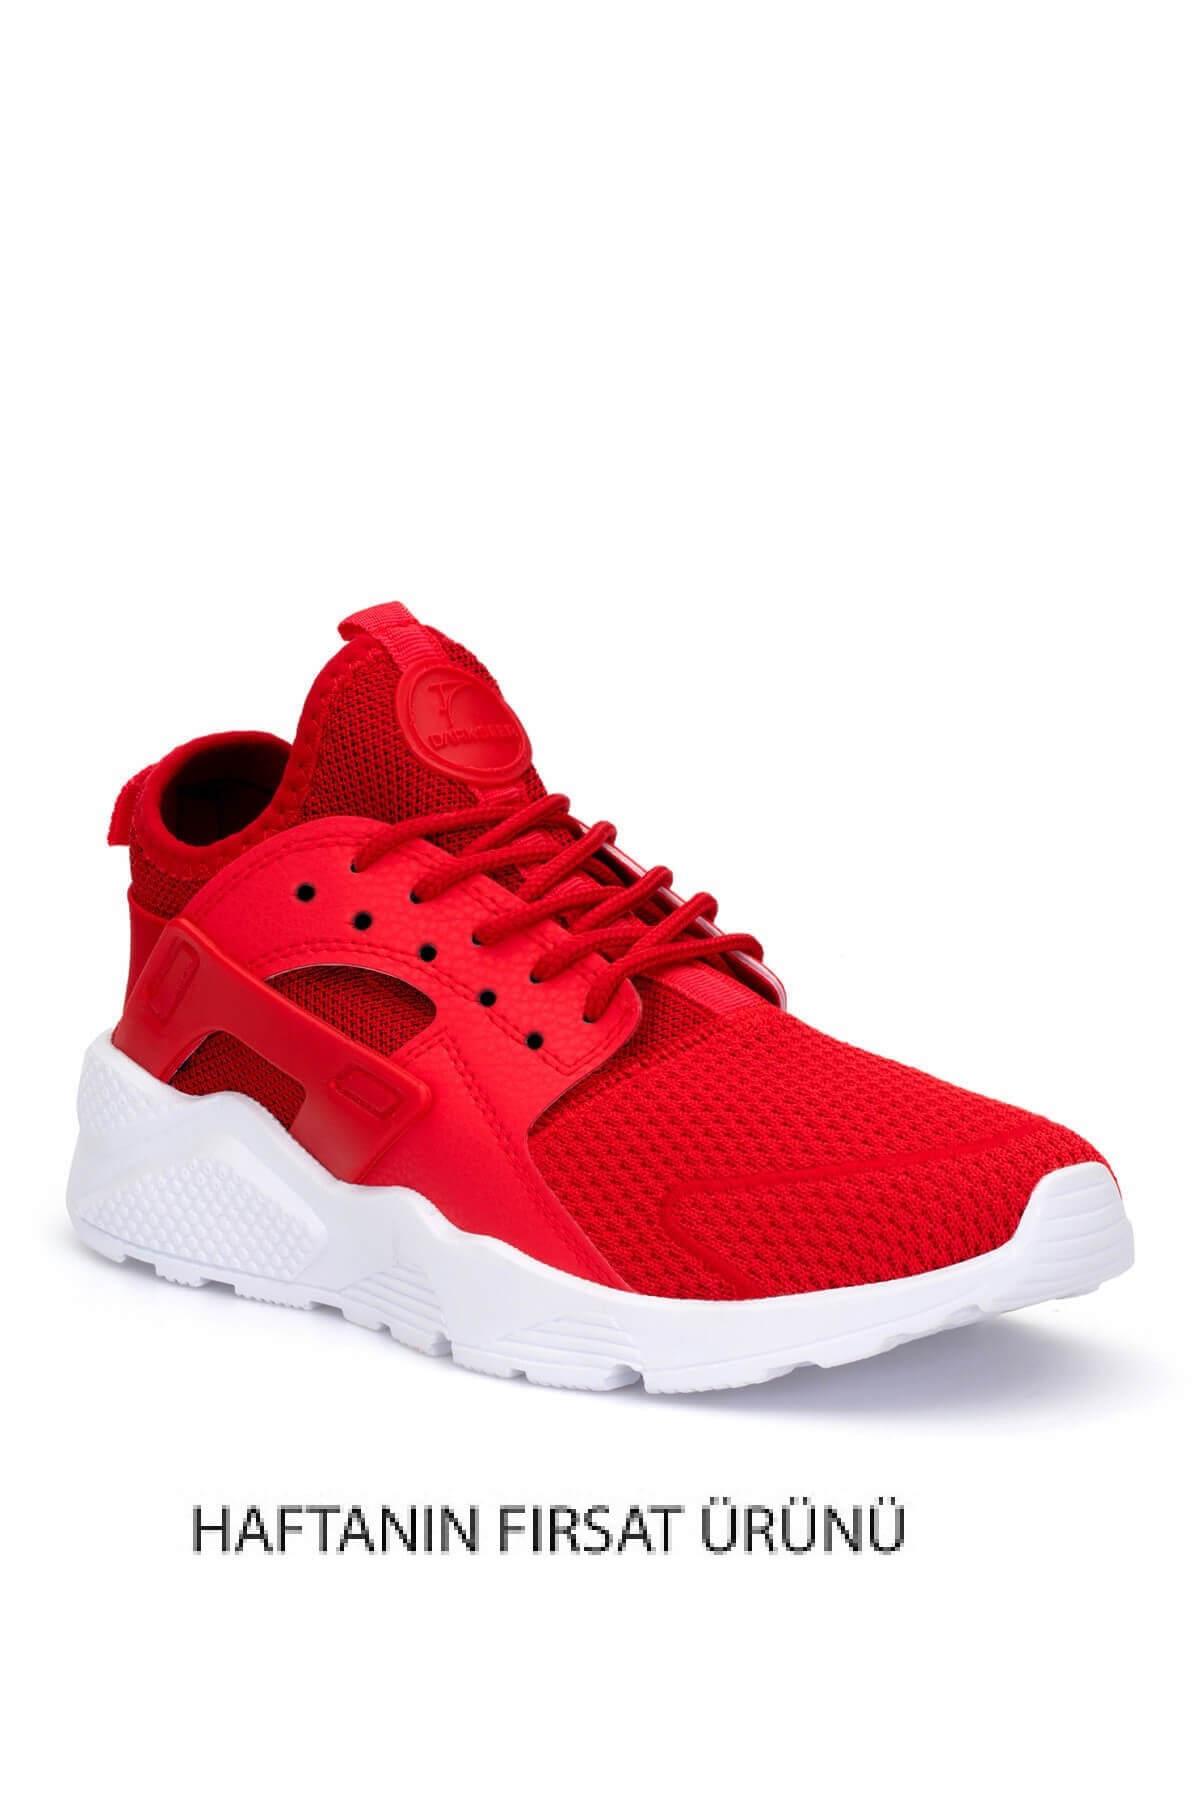 DARK SEER Kırmızı Unisex Sneaker HR2.DS 1